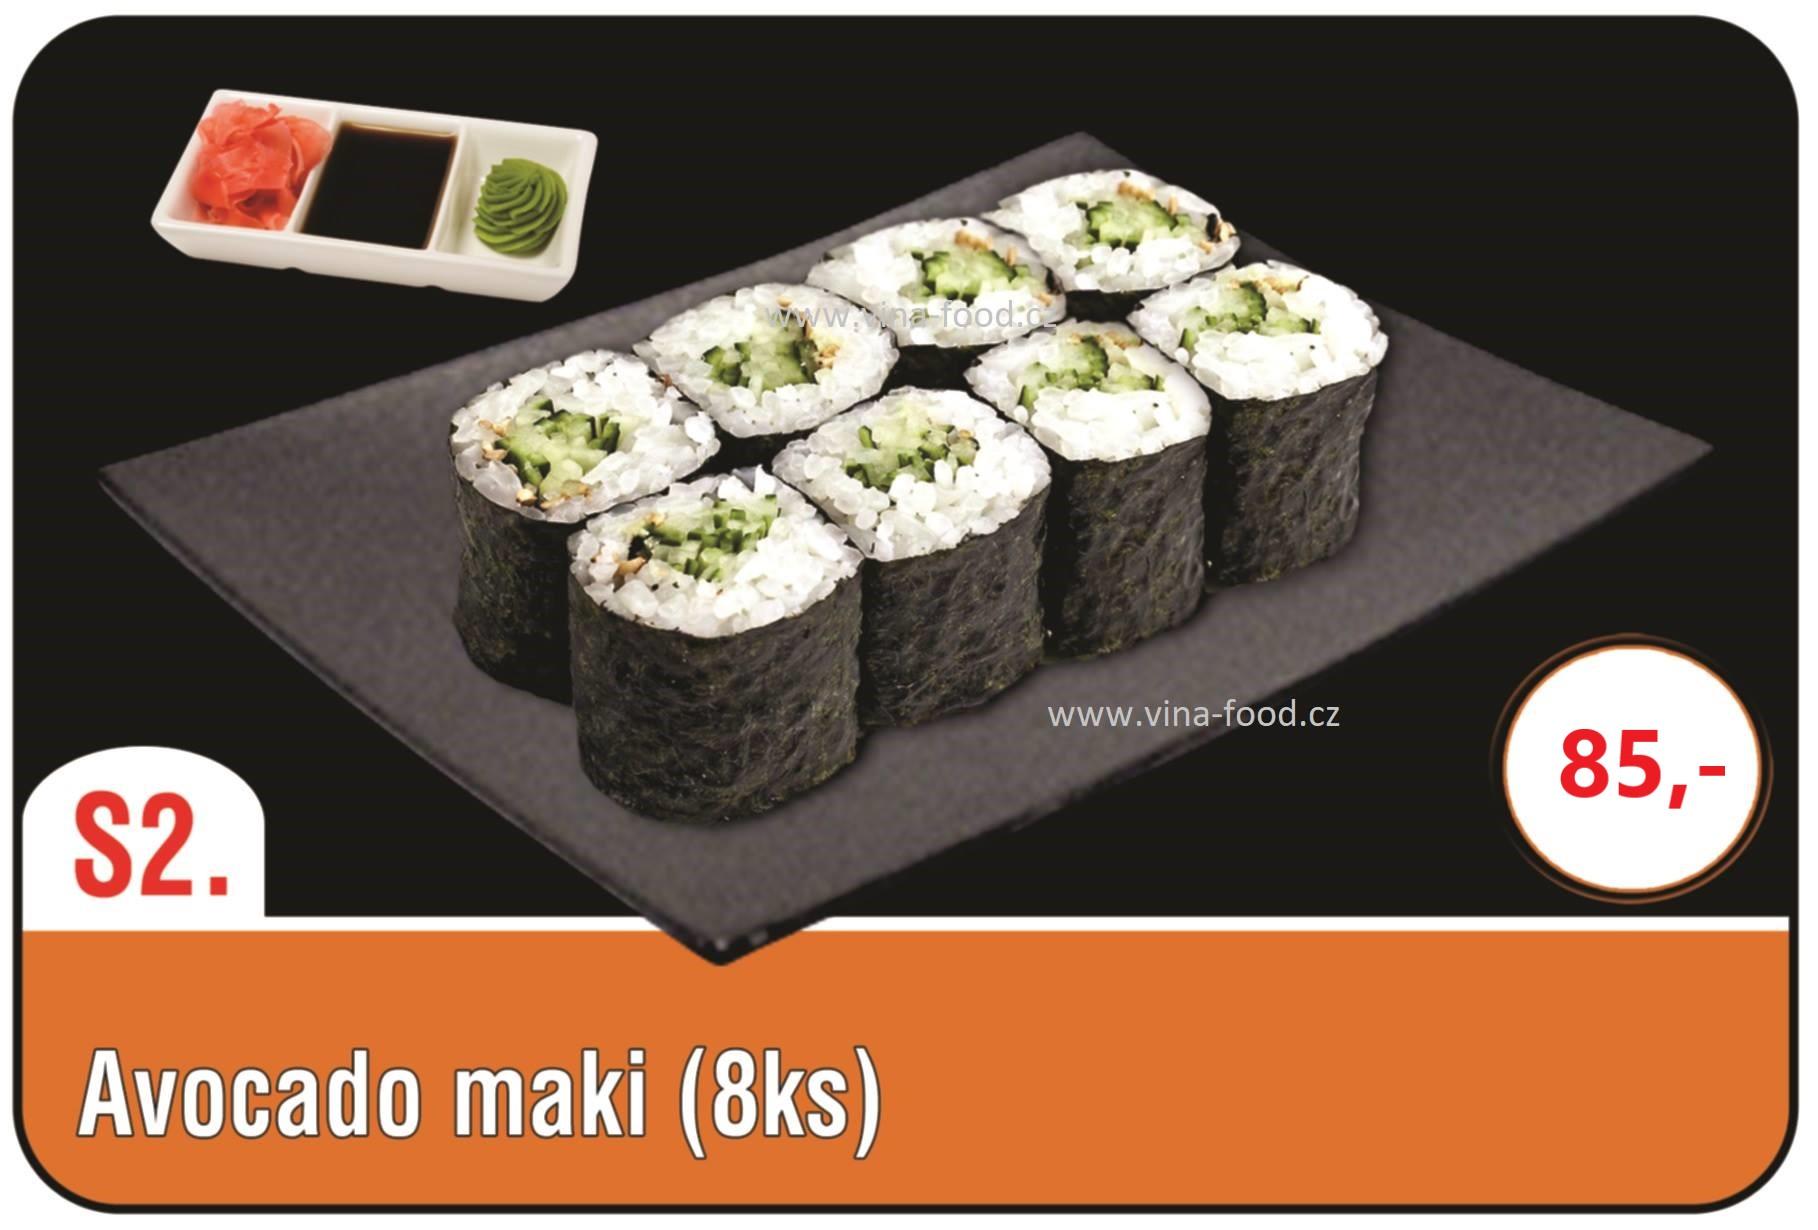 Sushi avocado maki 8ks